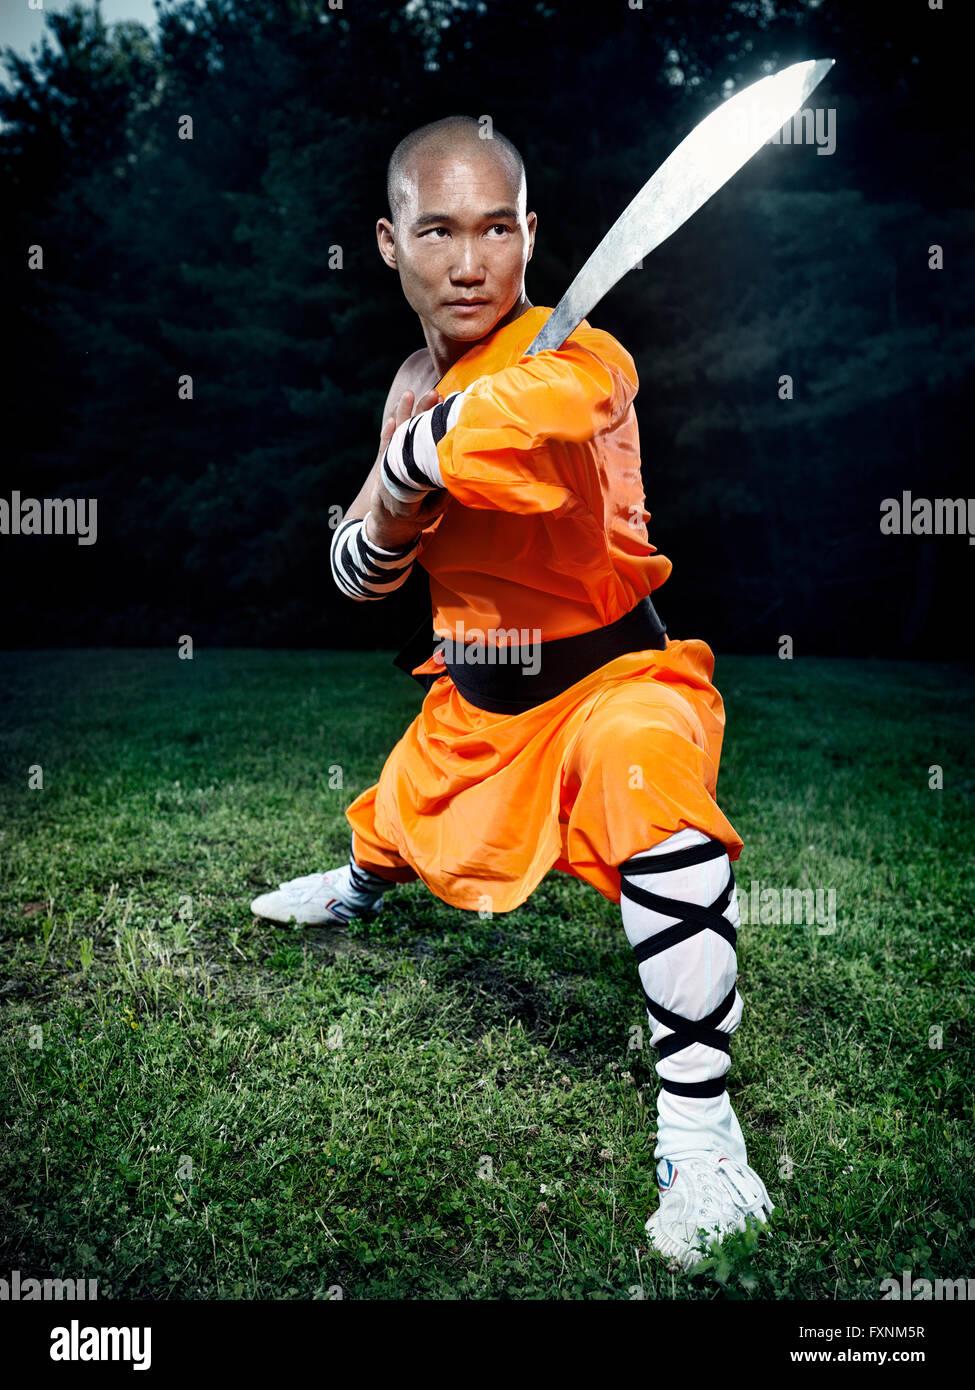 En un monje guerrero Shaolin gong bu postura con una amplia espada practicando Kung Fu al aire libre Foto de stock